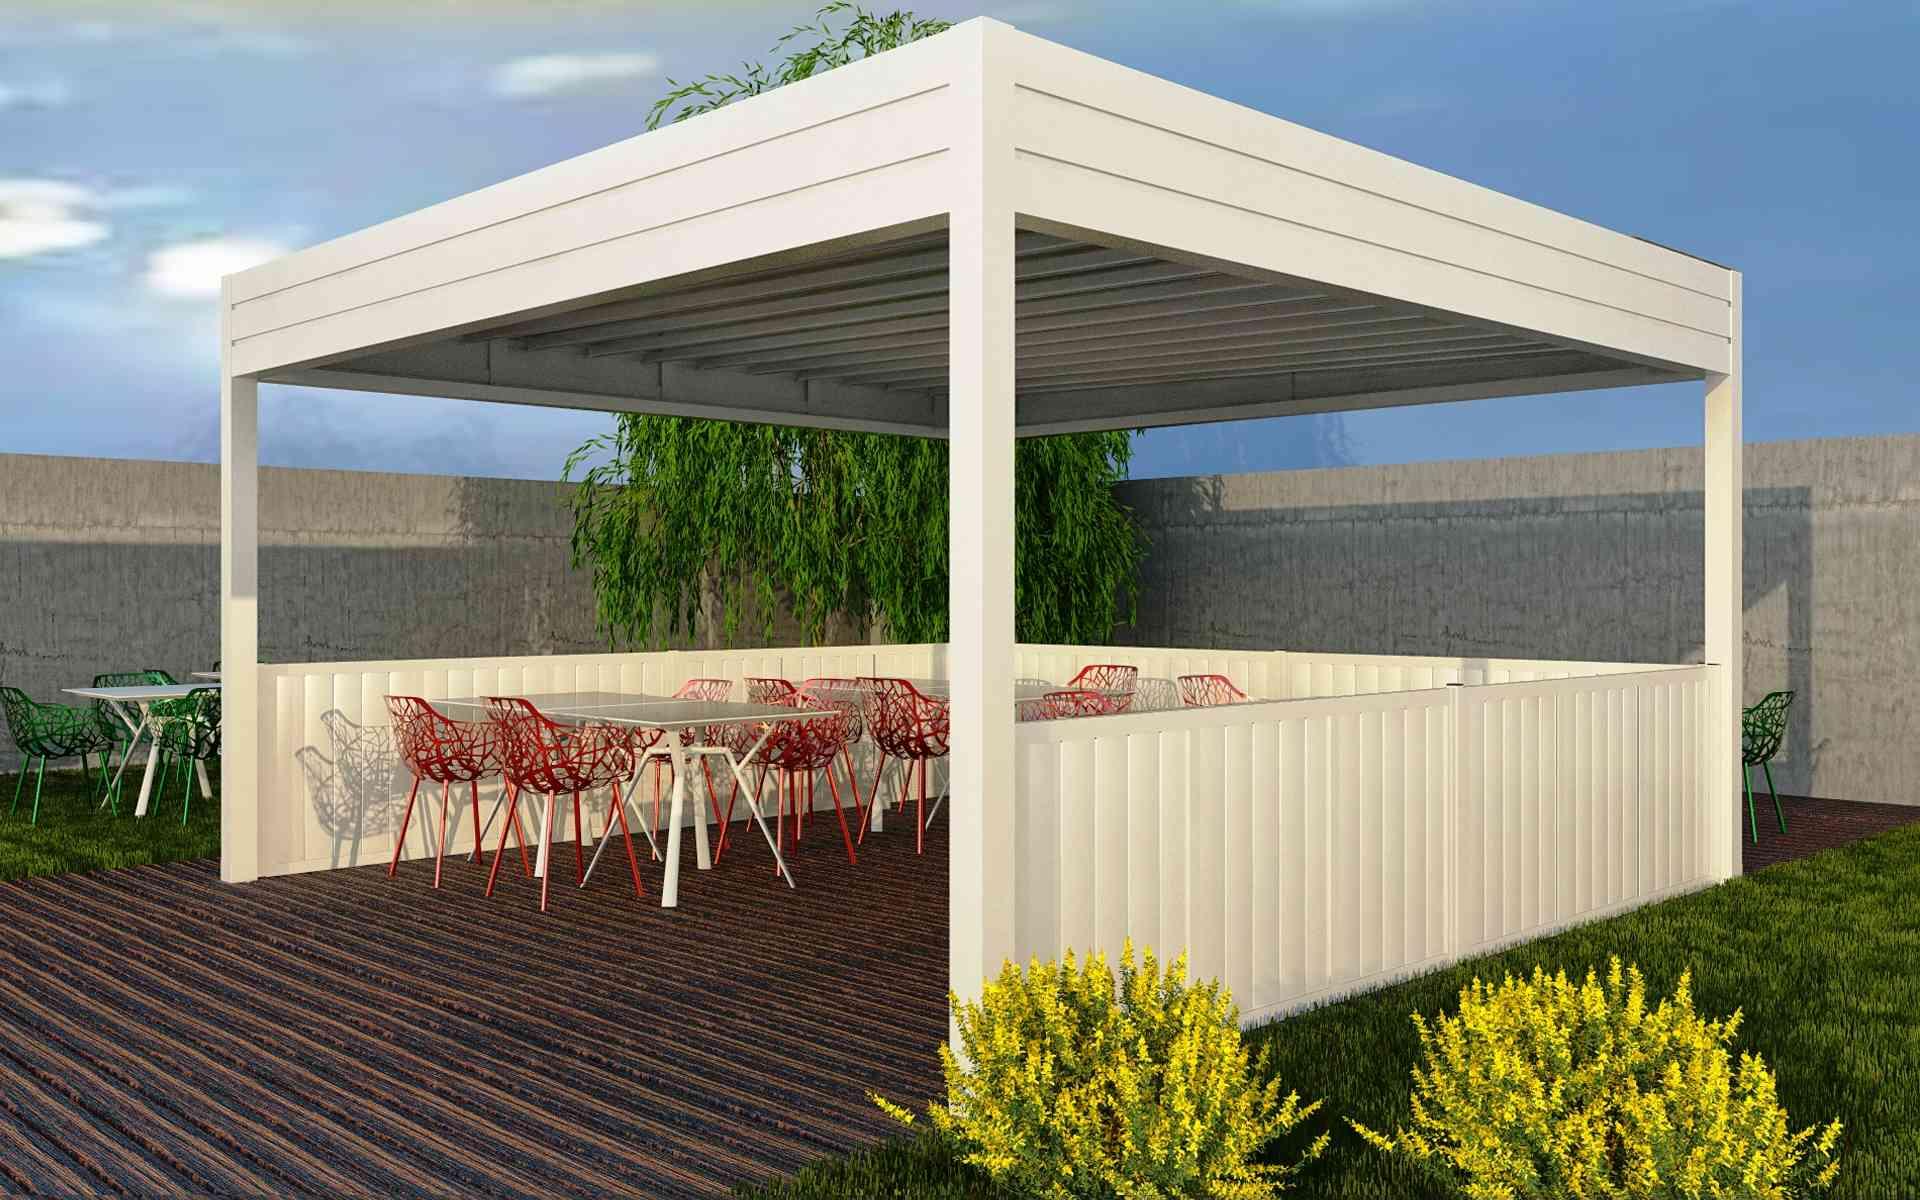 Paravento modulare per esterno in alluminio mod. GL PARAPETTO - RUSTICO con doghe - Stameat srl - Produzione ed installazione - Asiago